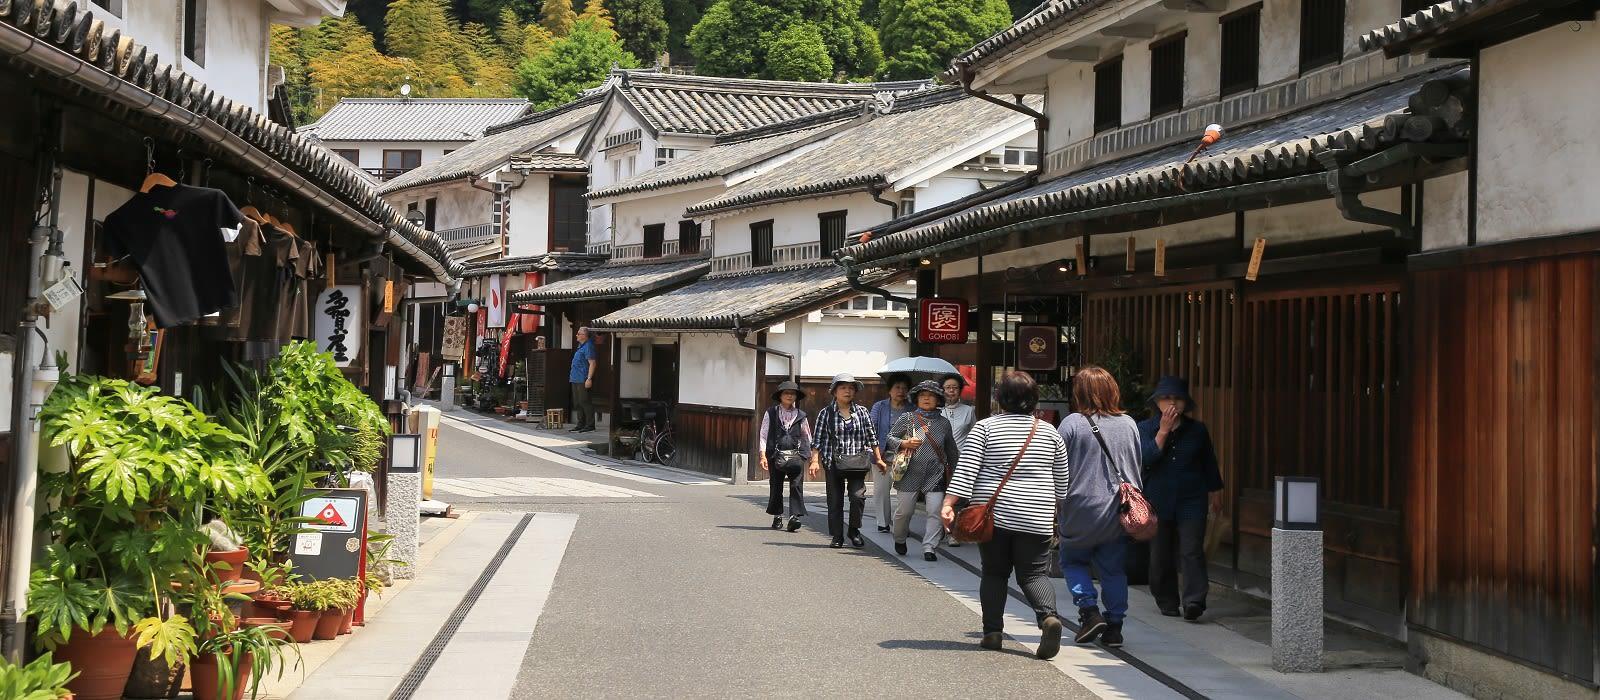 Destination Kurashiki Japan